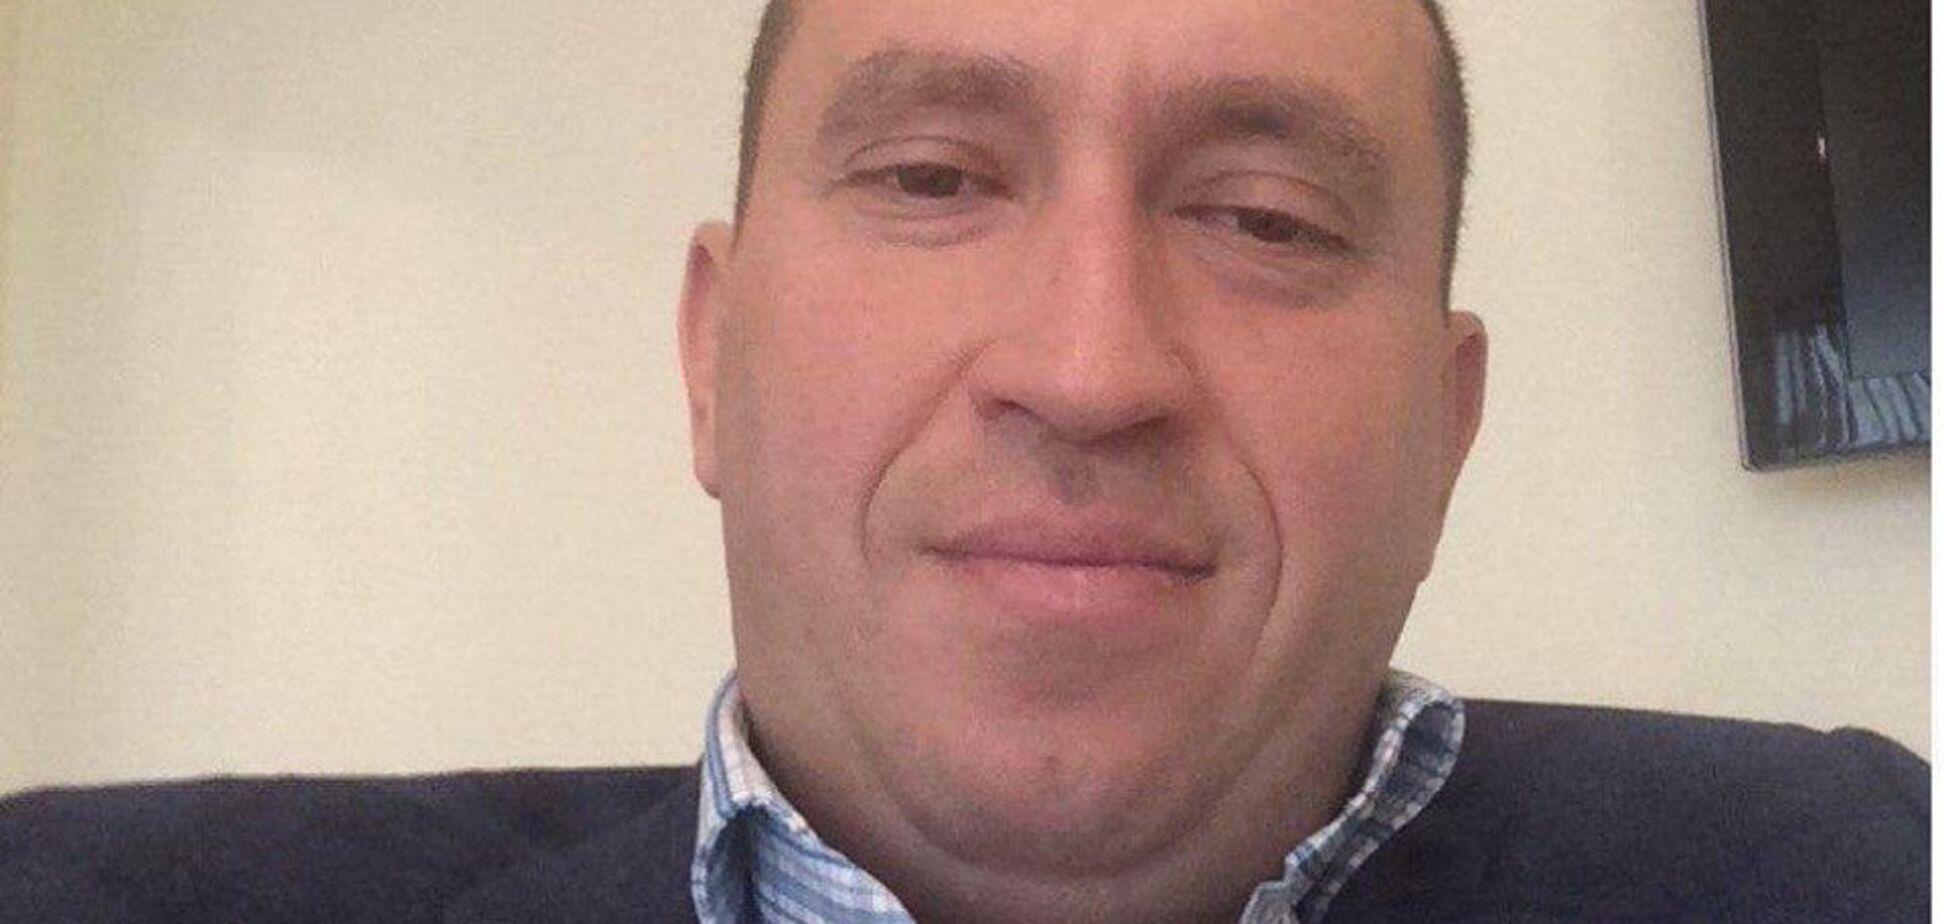 Суд принял решение по подельникам 'крестного отца контрабанды' из Одессы